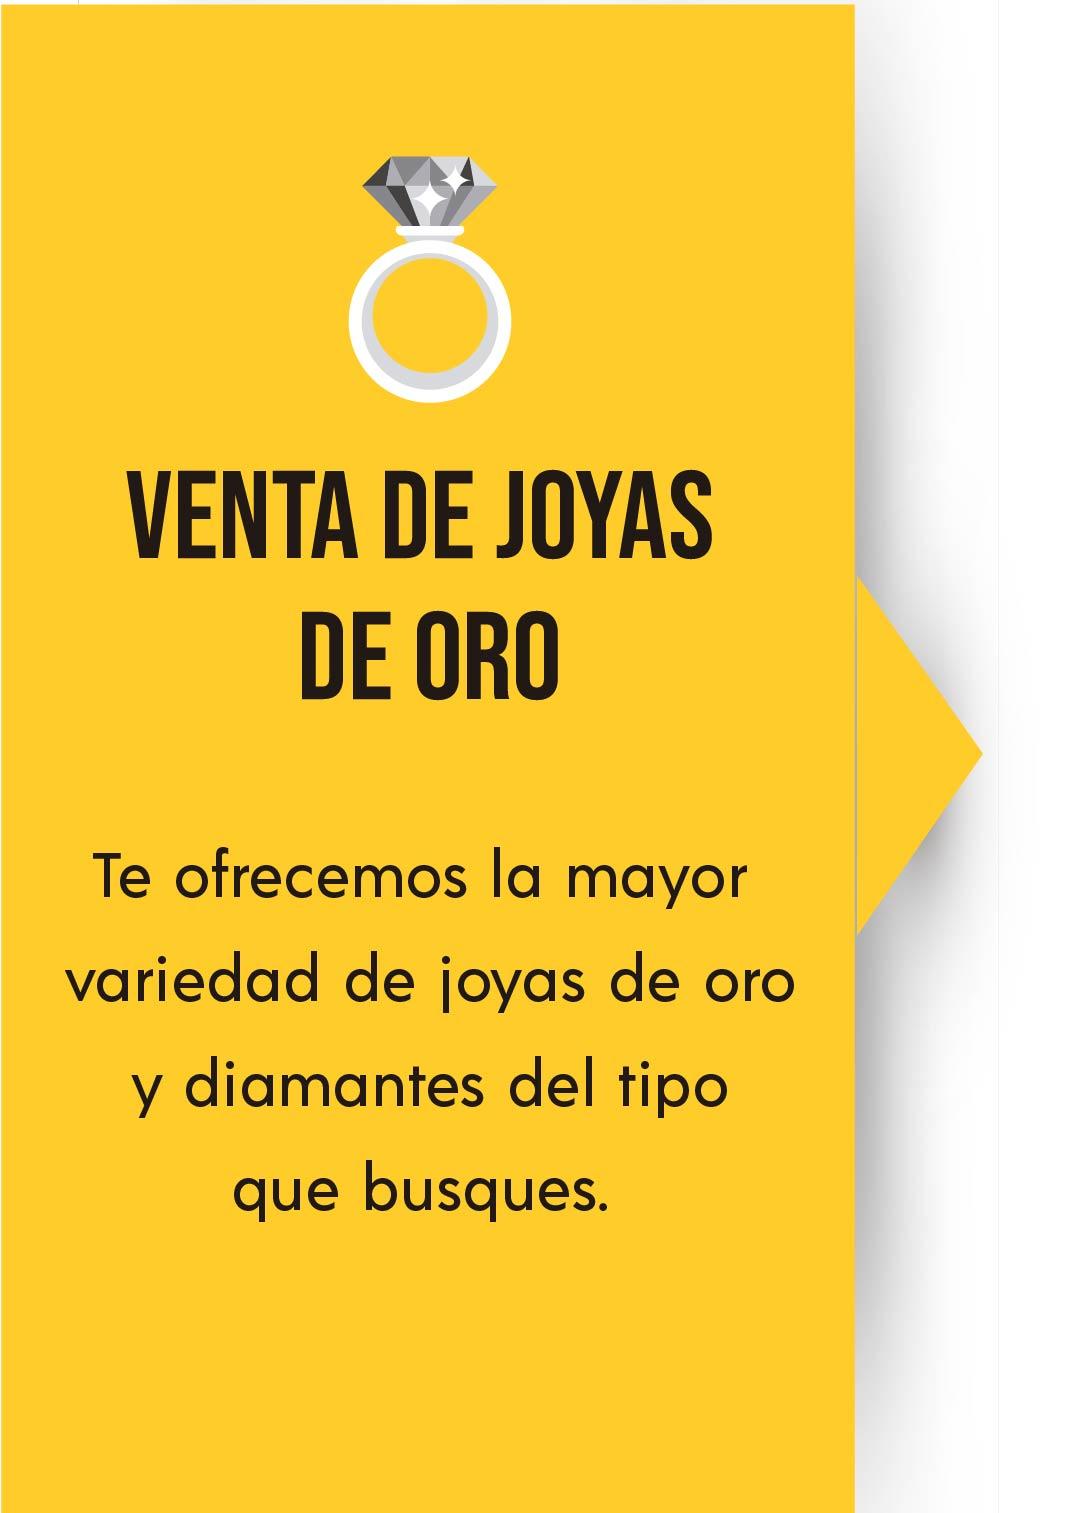 VENTA-DE-JOYAS-OROCASH